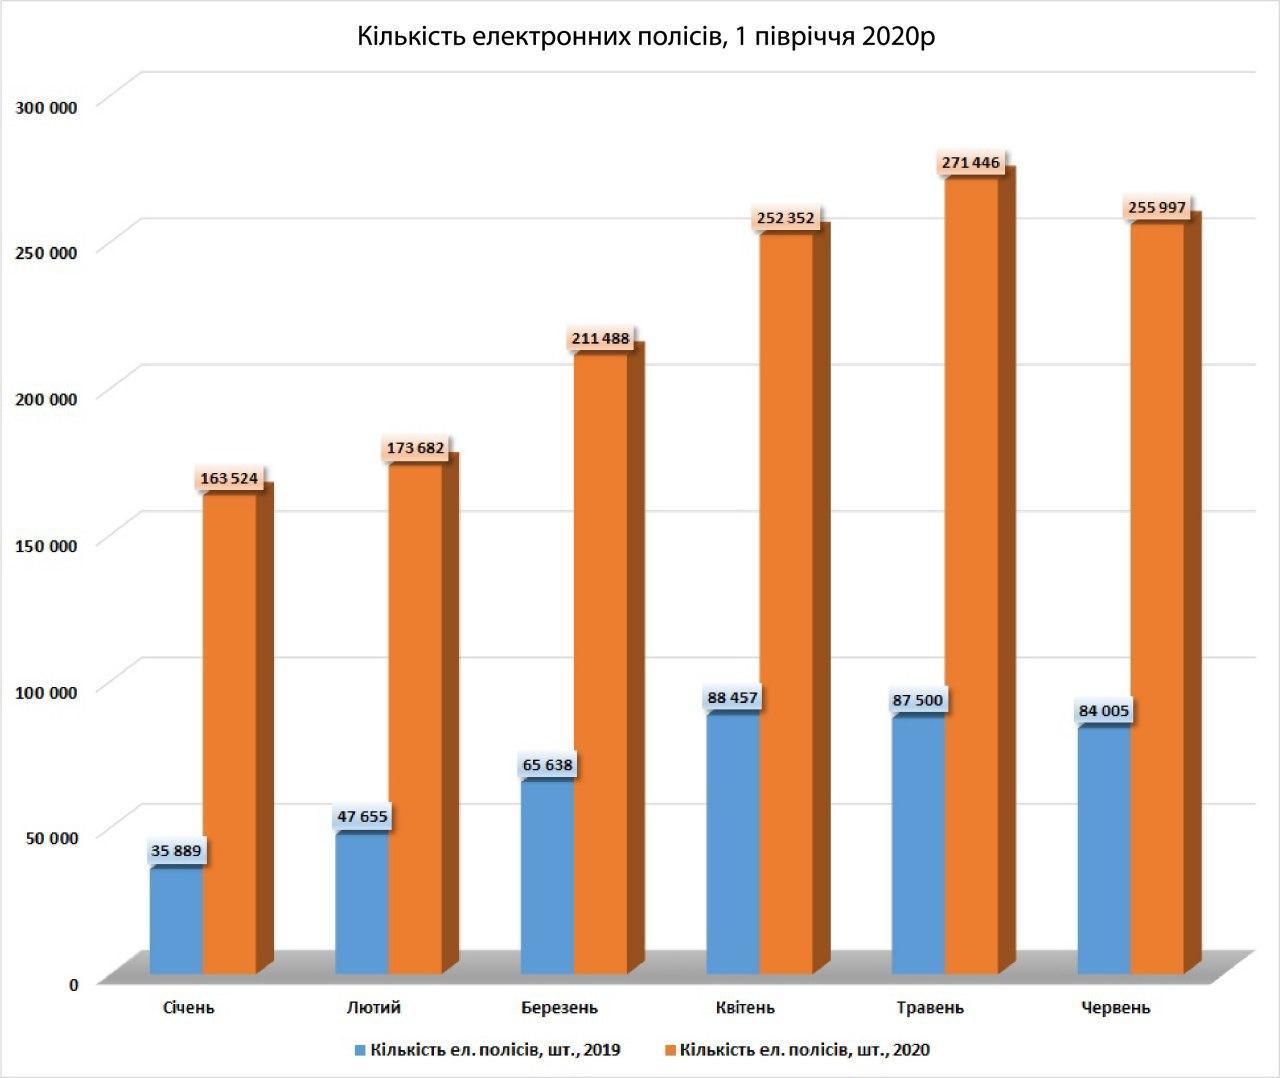 Спрос на Е-ОСАГО в Украине вырос на 224%: Сумма премий превысила миллиард